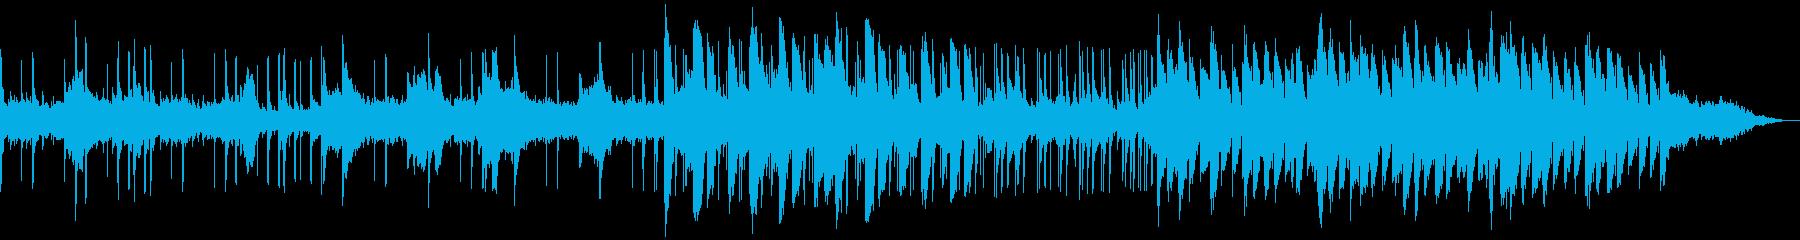 オシャレハウスなchill beatの再生済みの波形